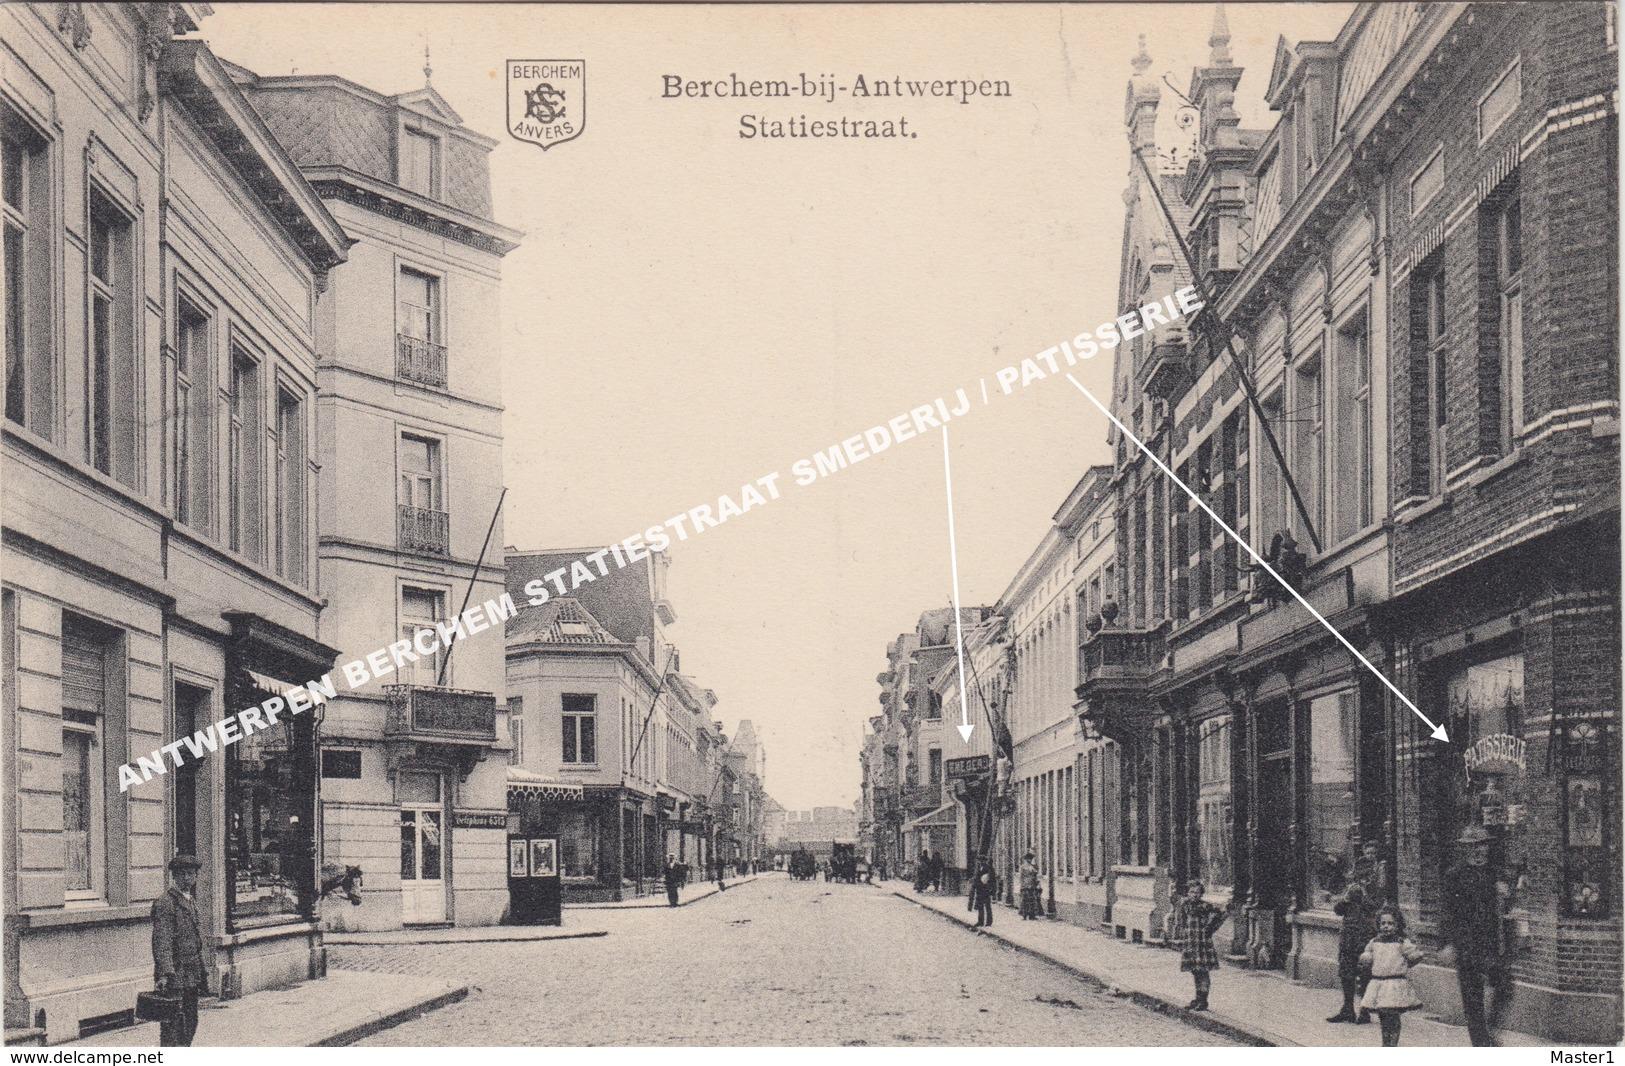 ANTWERPEN BERCHEM STATIESTRAAT SMEDERIJ / PATISSERIE - Antwerpen